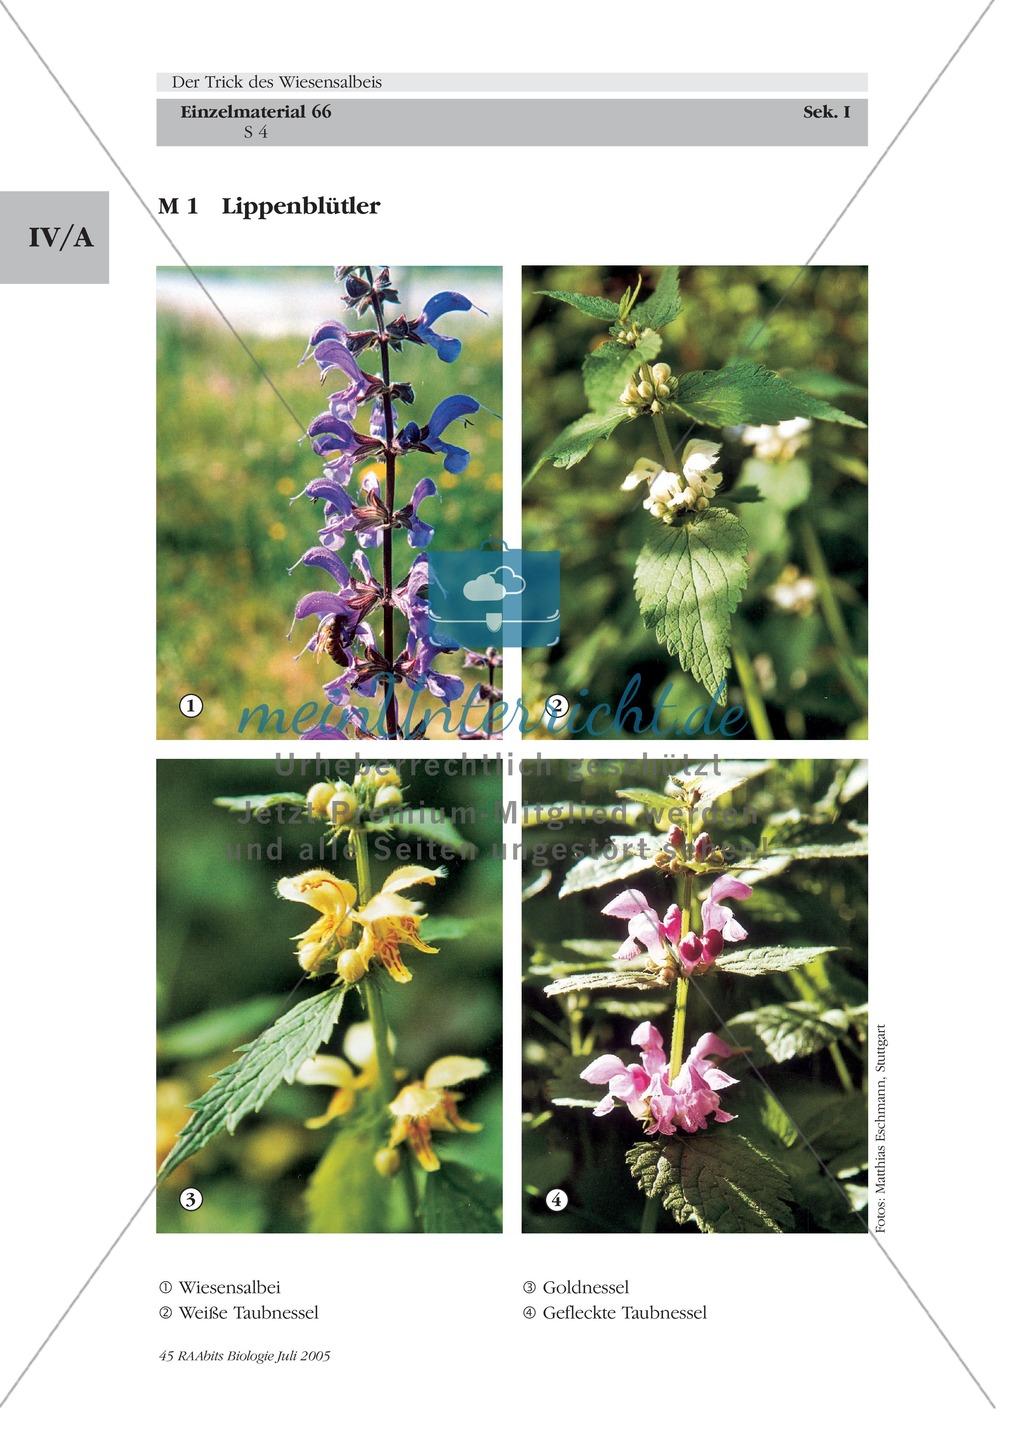 Wiesensalbei - ein Vertreter der Lippenblütler: Lage der Ober- und Unterlippe der Blüte + Bestäubungsmechanismus Preview 1